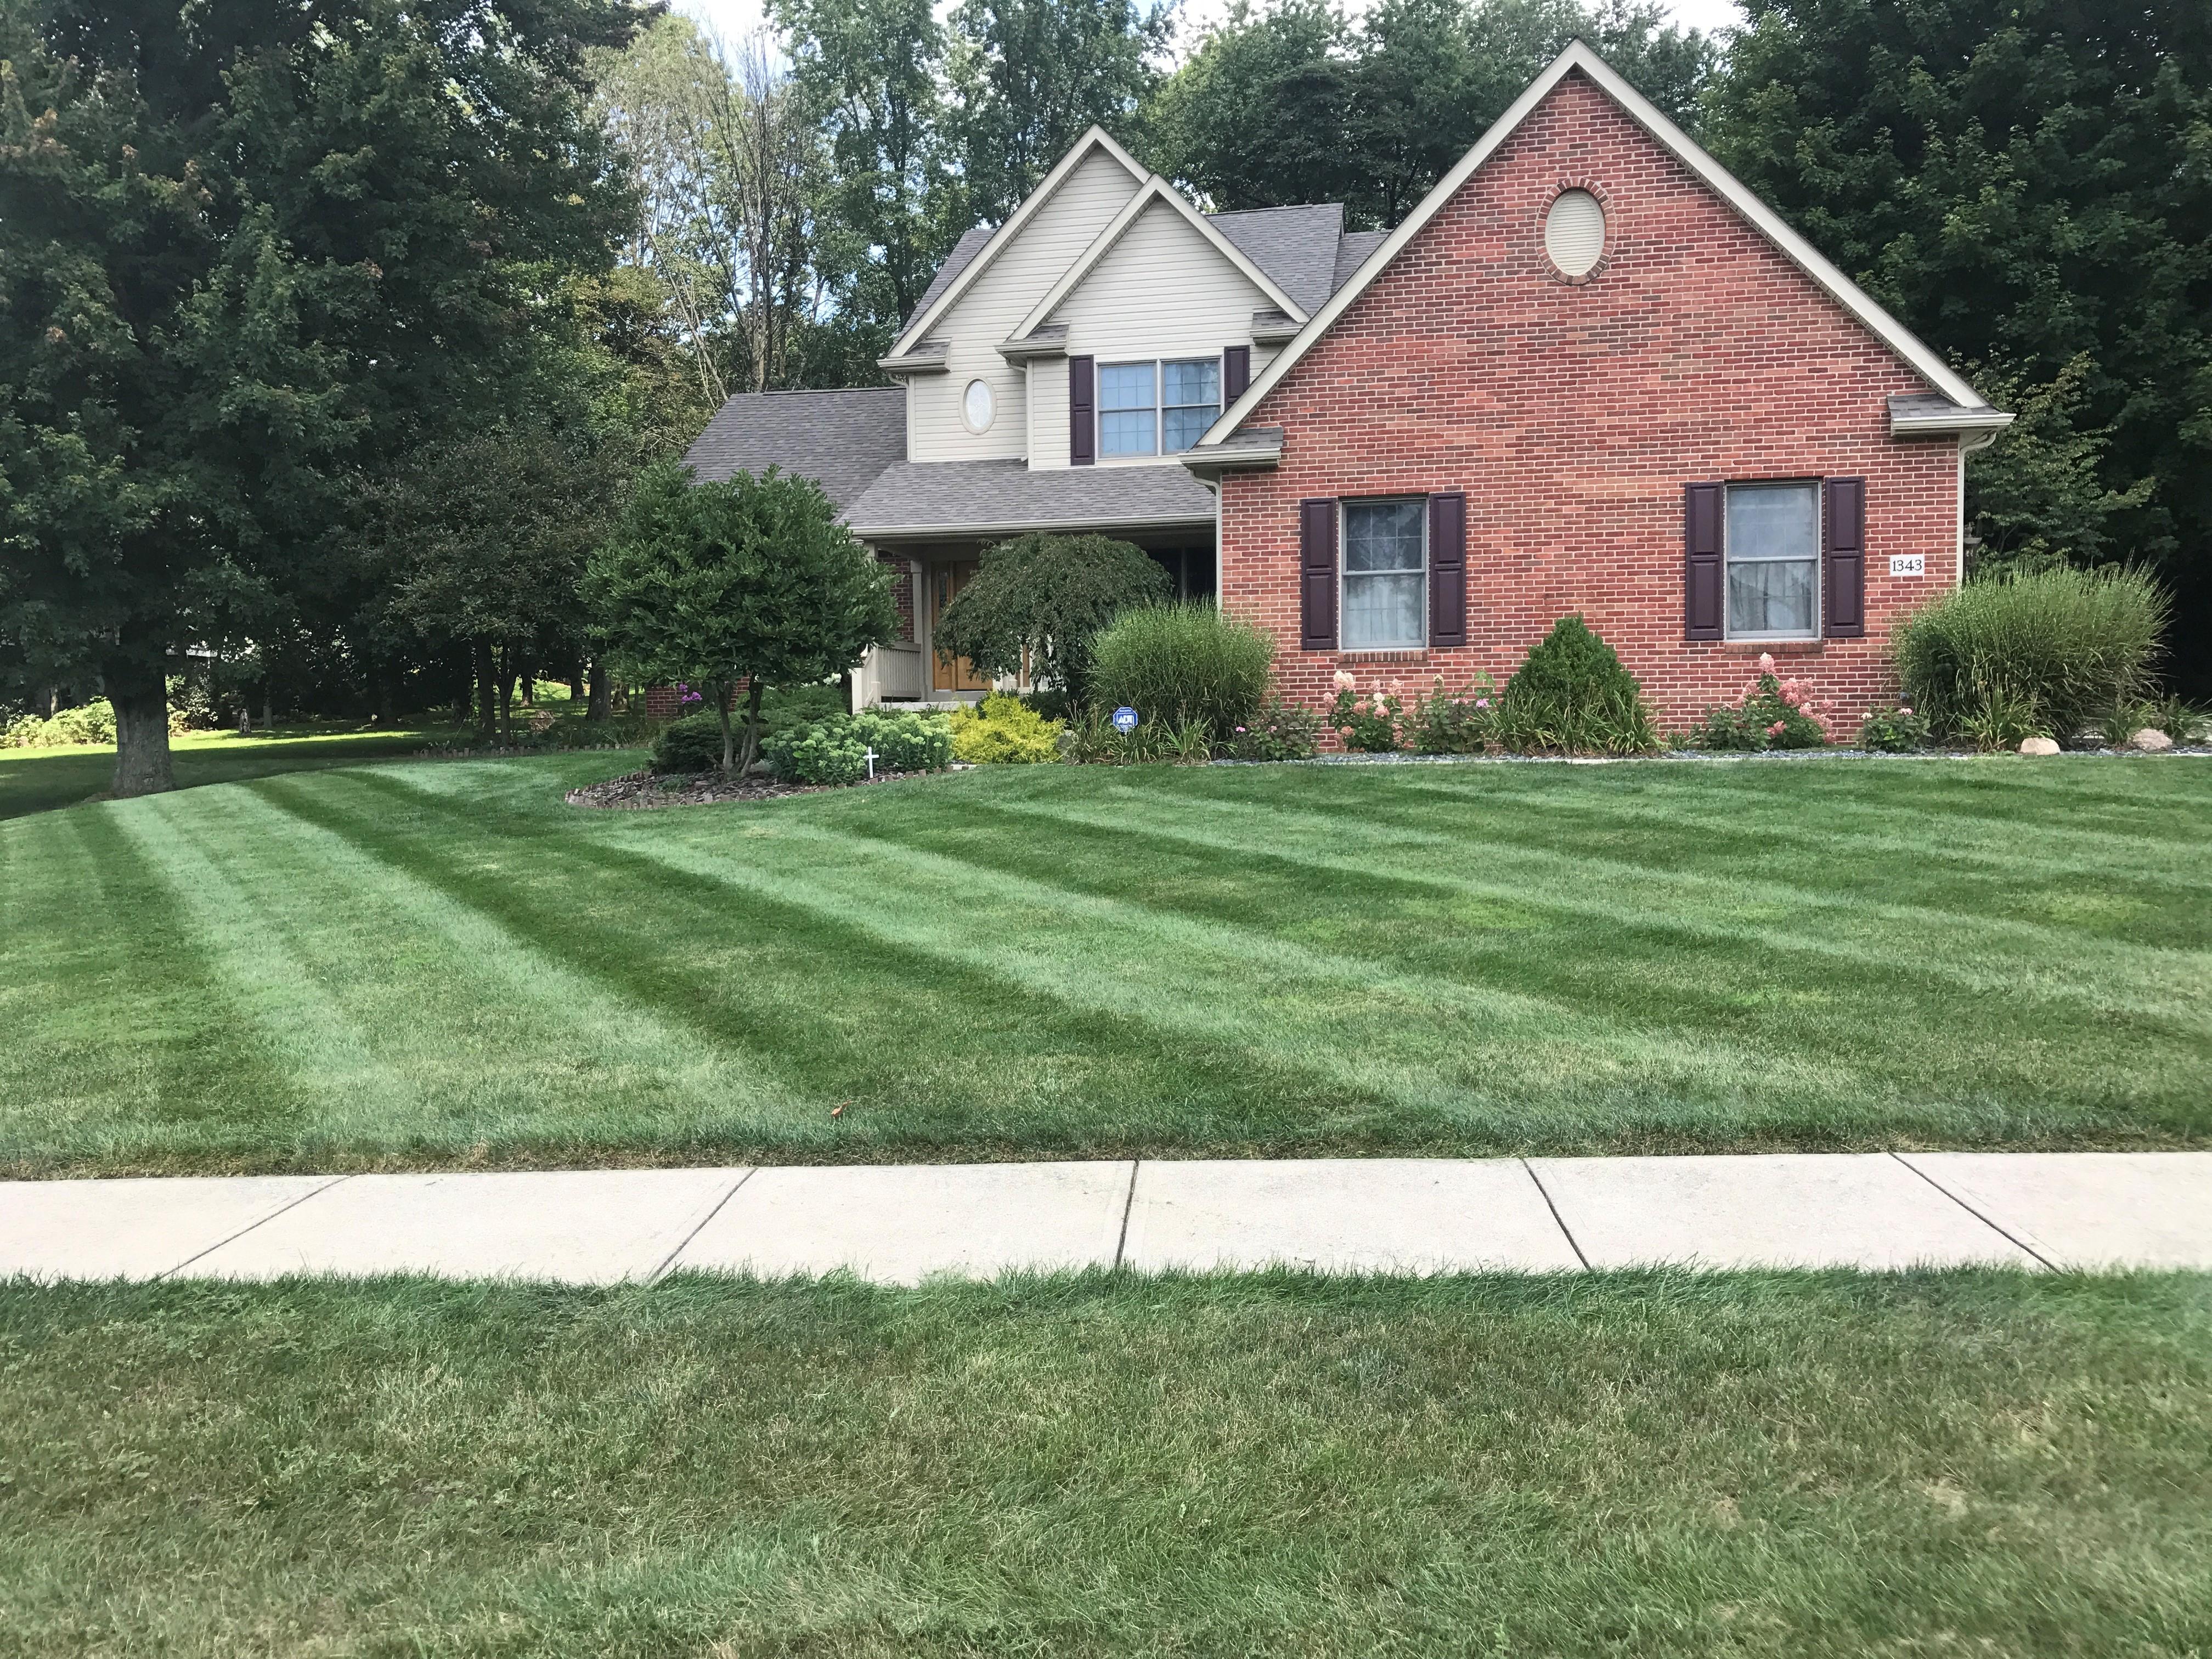 Prime Lawn & Landscape image 1